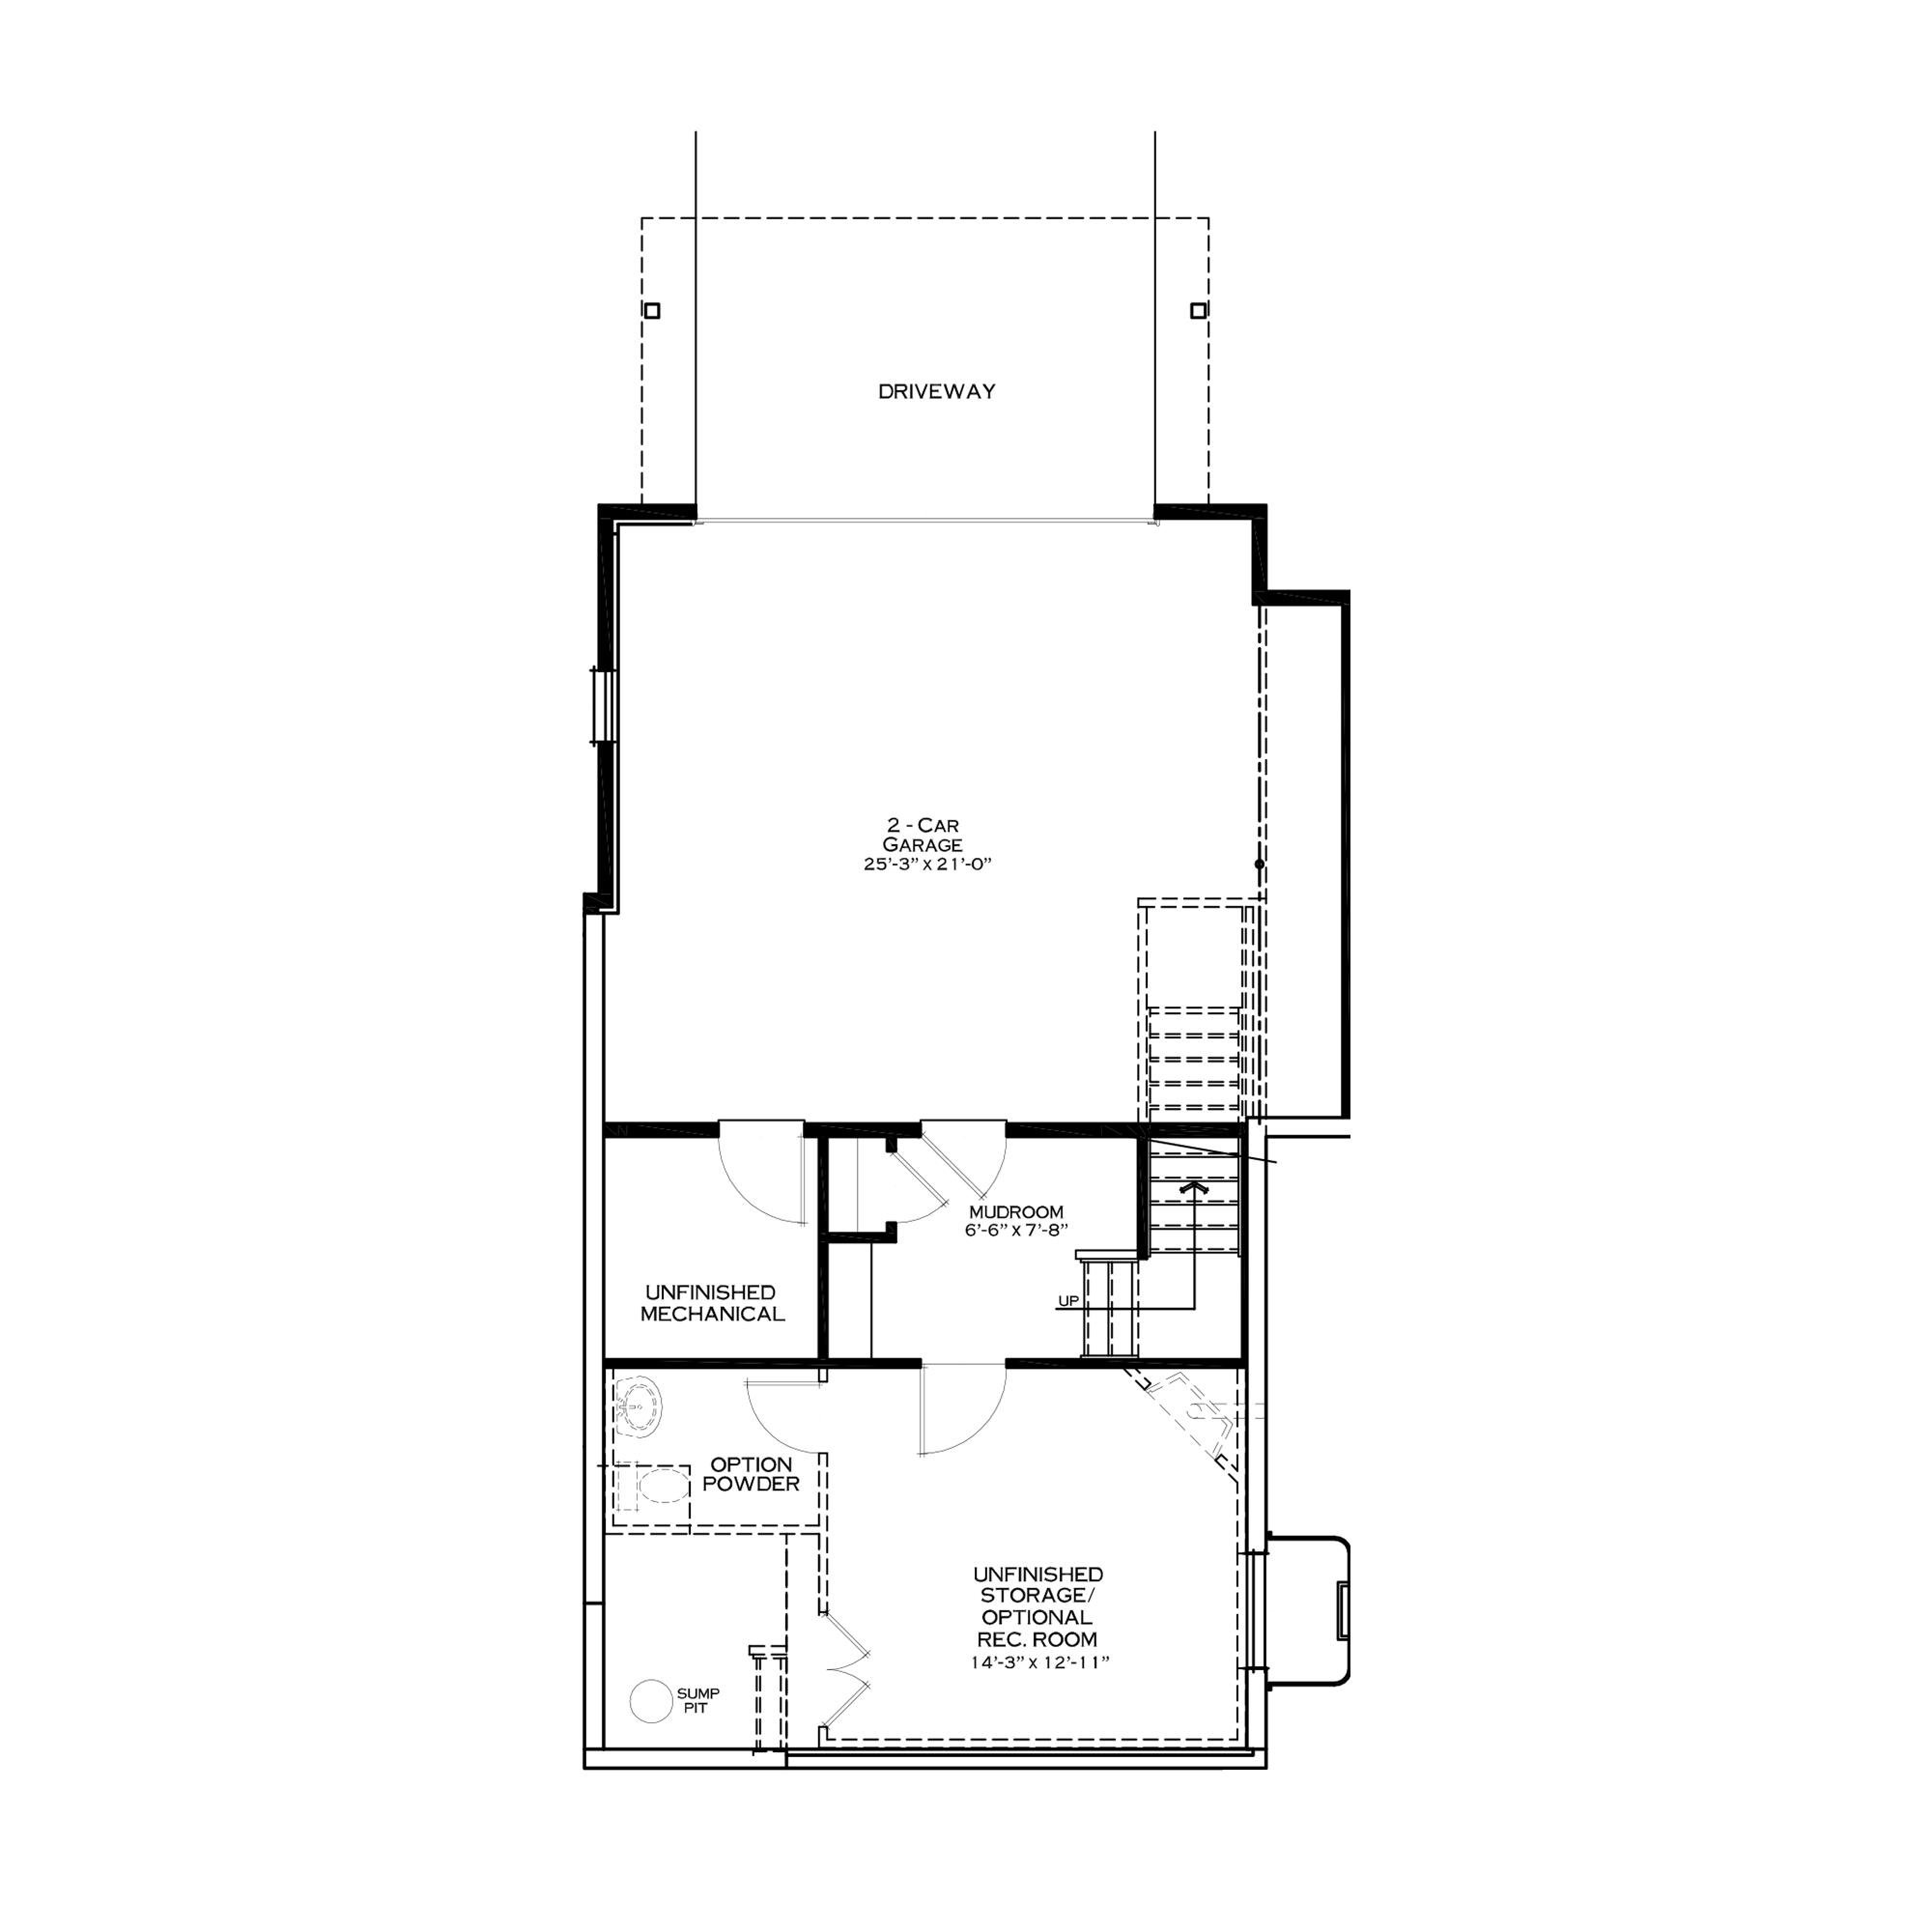 Standard First/Garage Floor